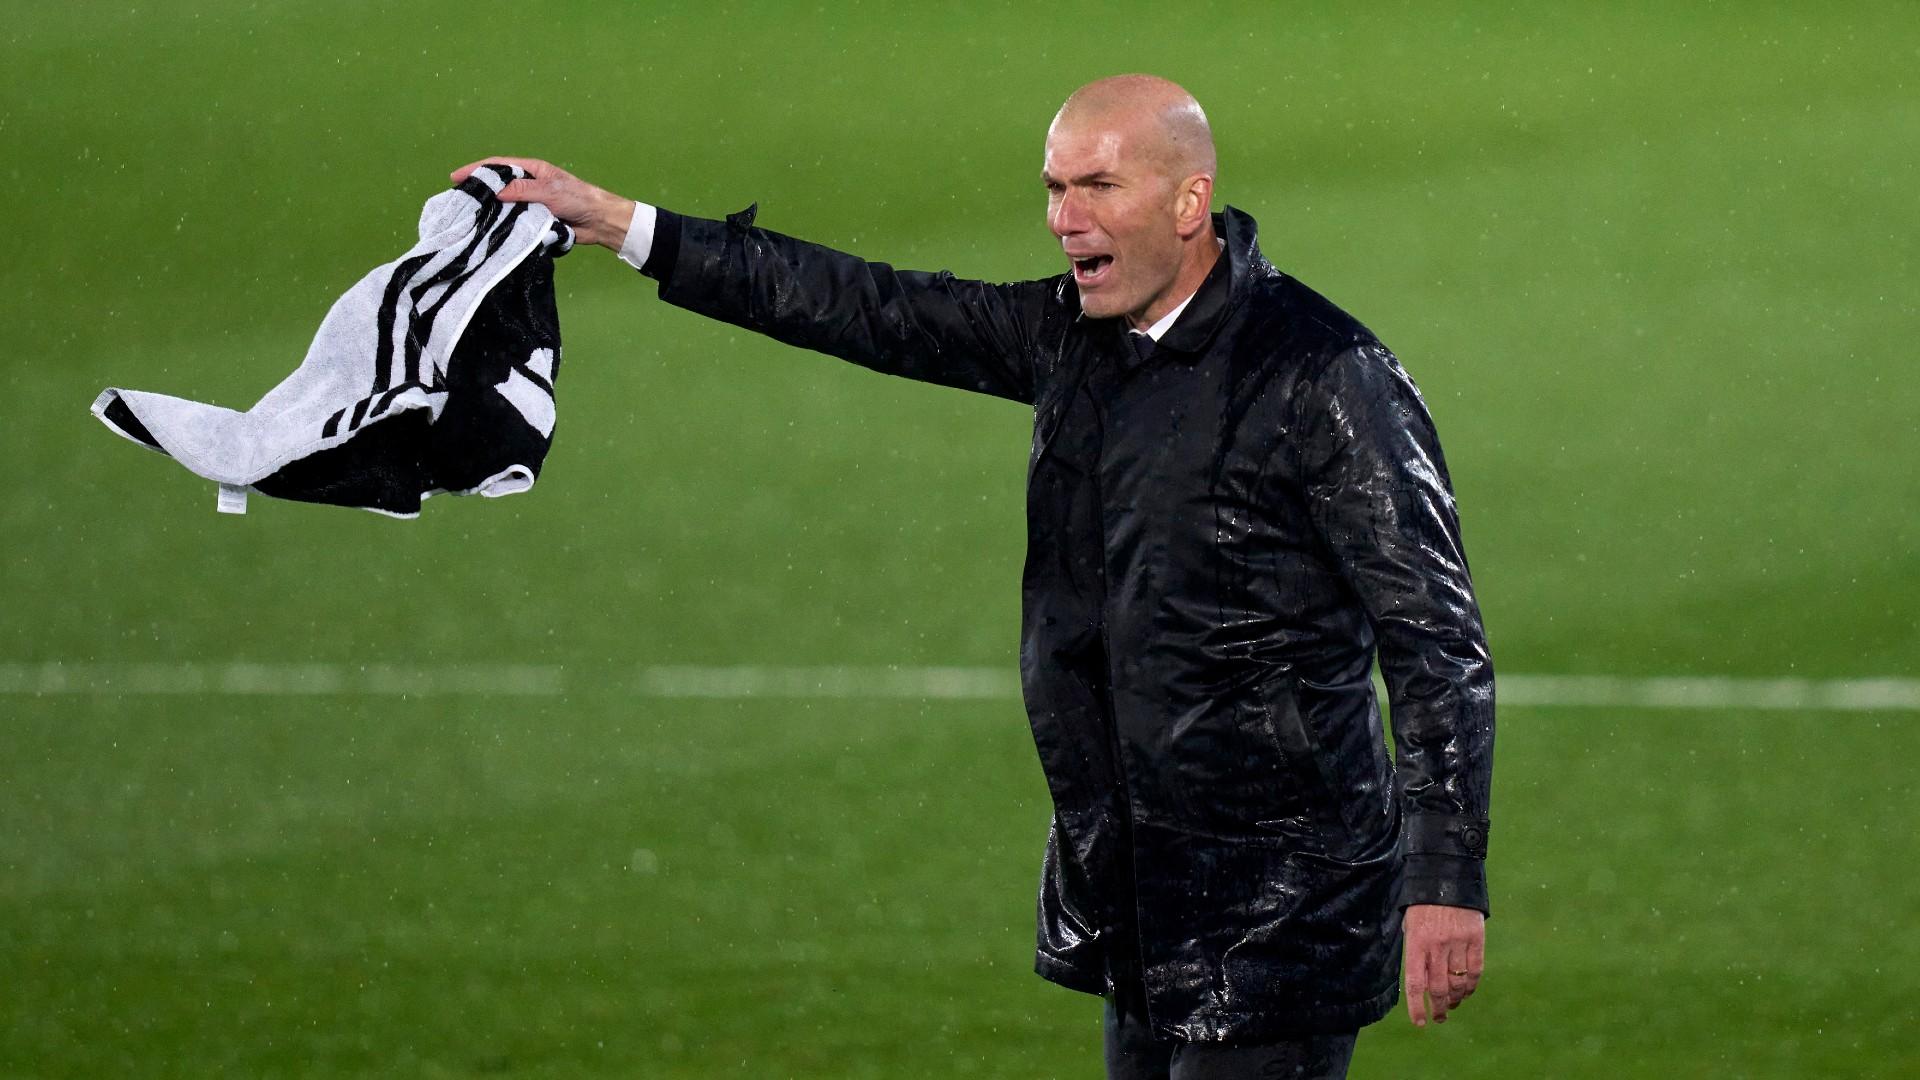 Zidane dismisses Koeman's Clasico ref row